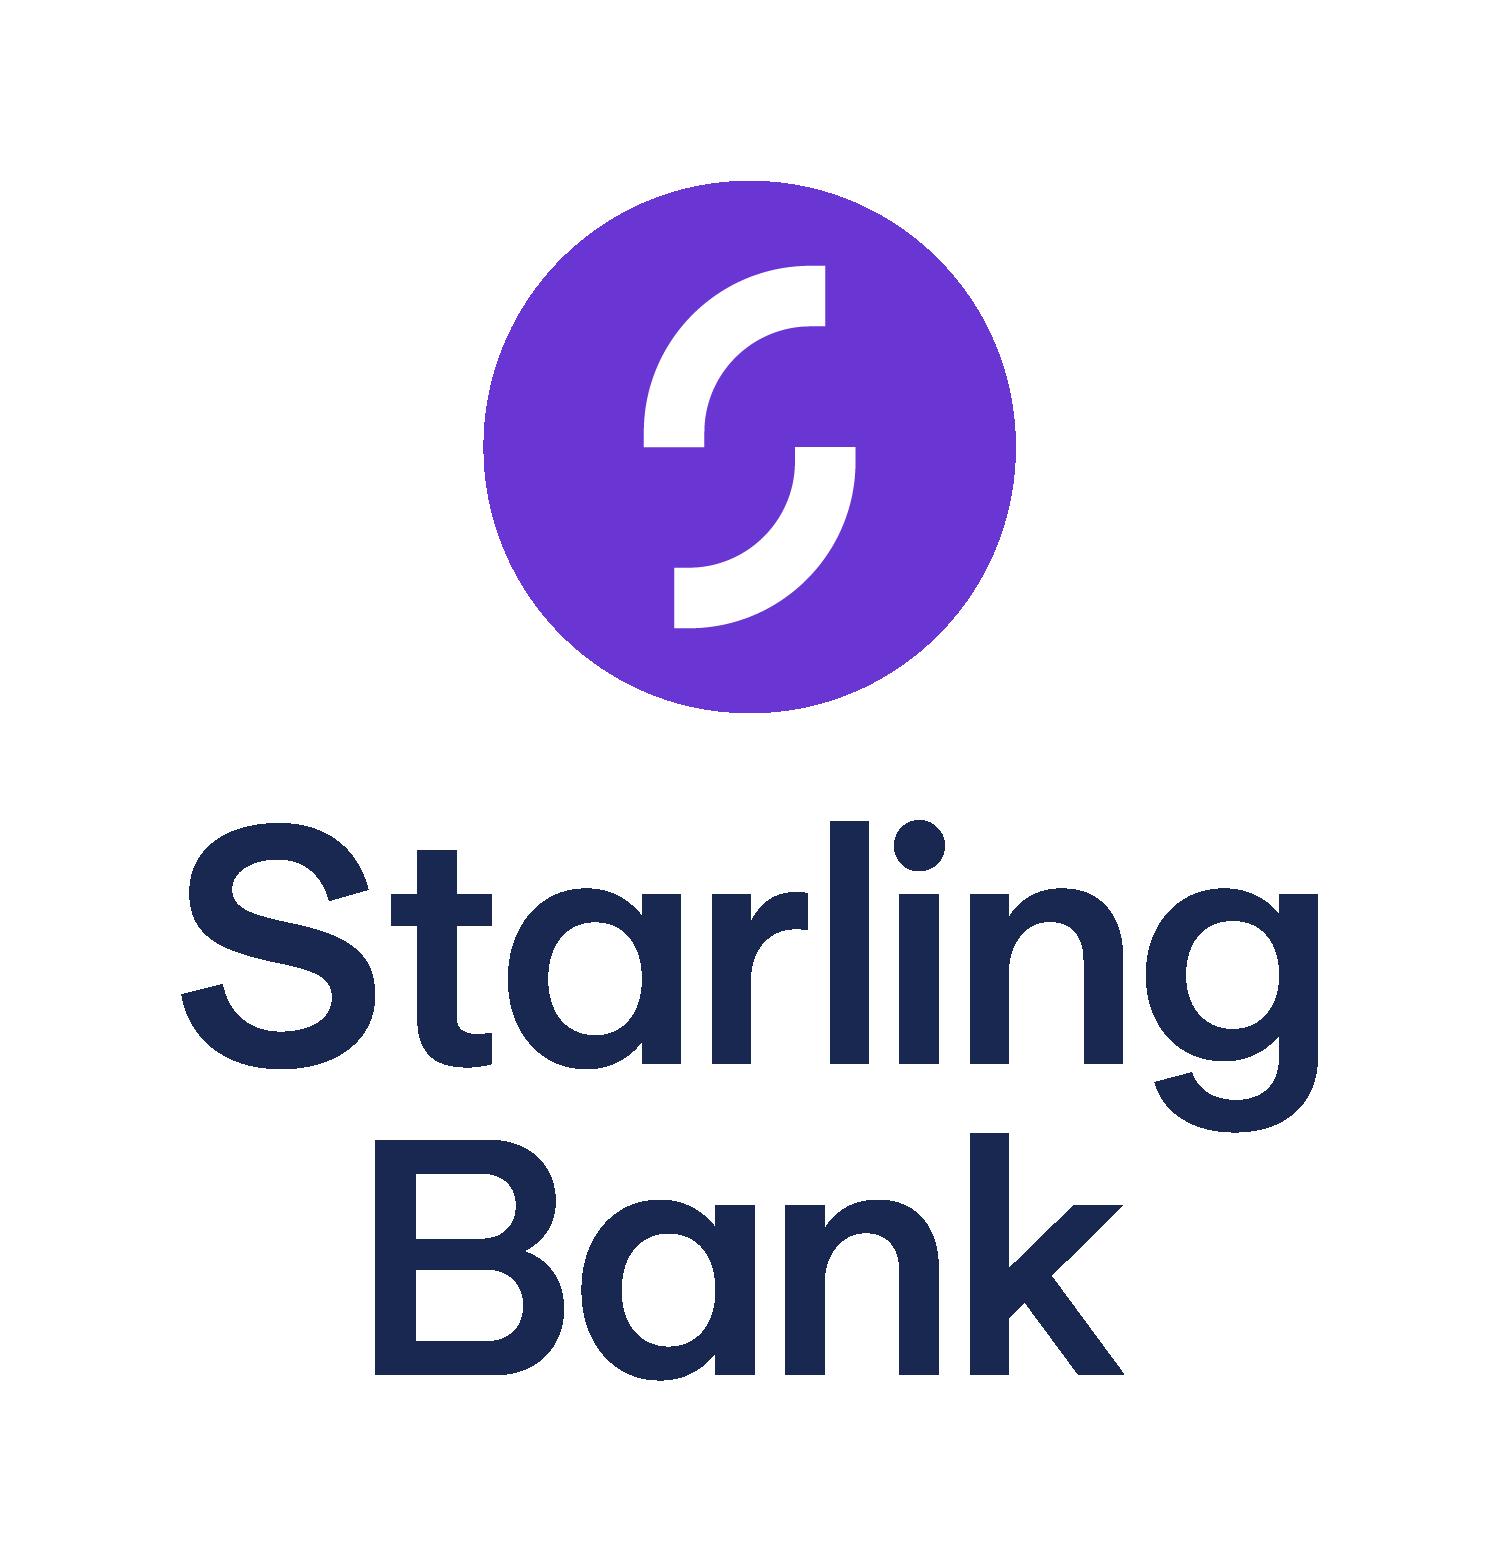 Starling Bank | Digital only bank account-logo